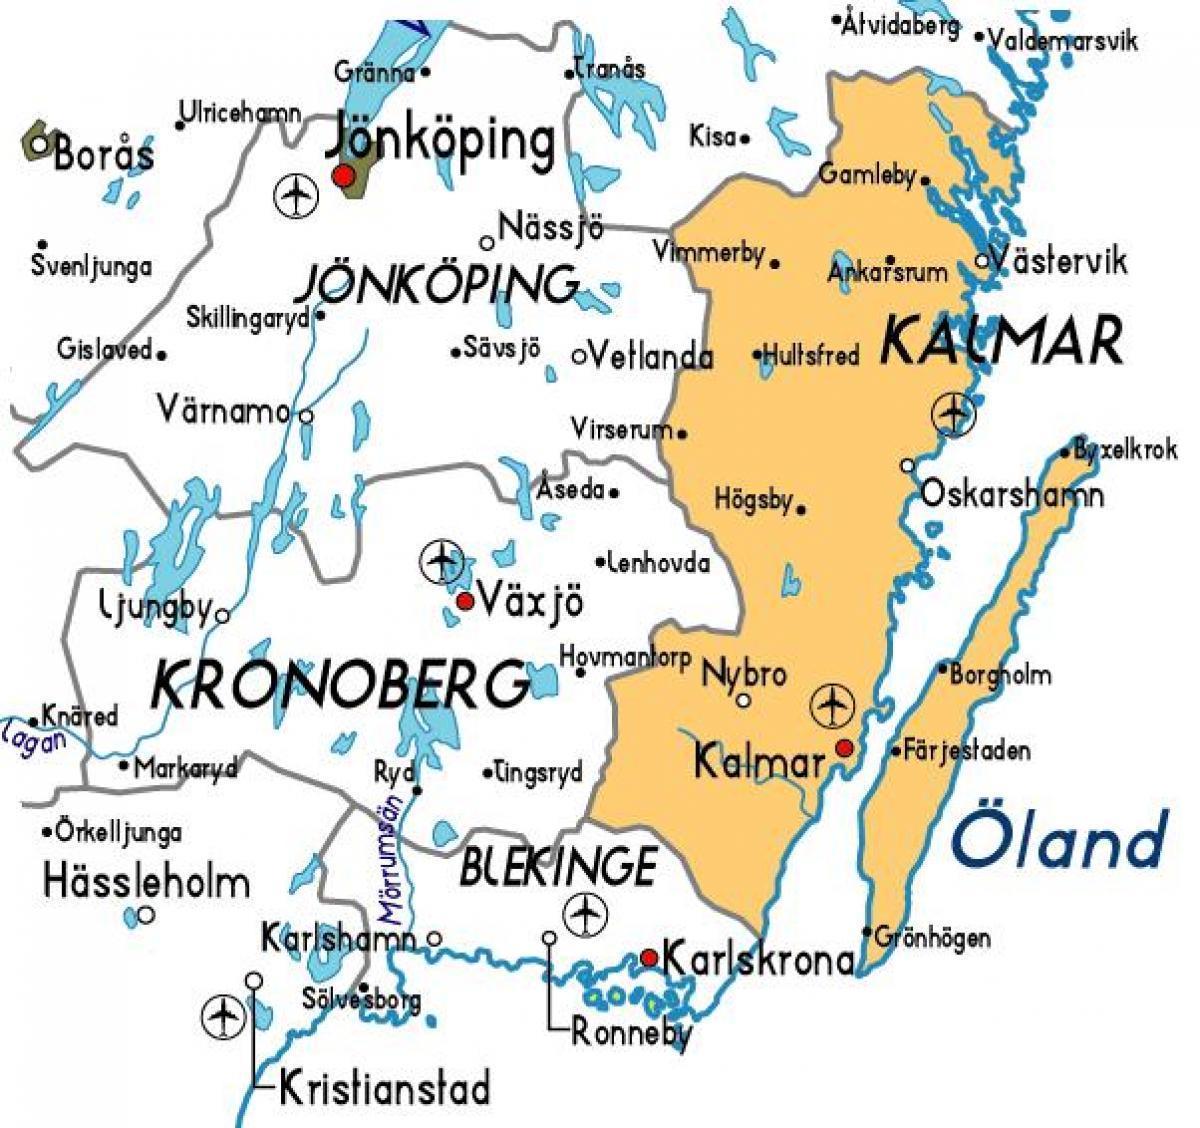 kalmar sverige kart Kalmar kart Sverige   Kalmar, Sverige kart (Nord Europa   Europa) kalmar sverige kart